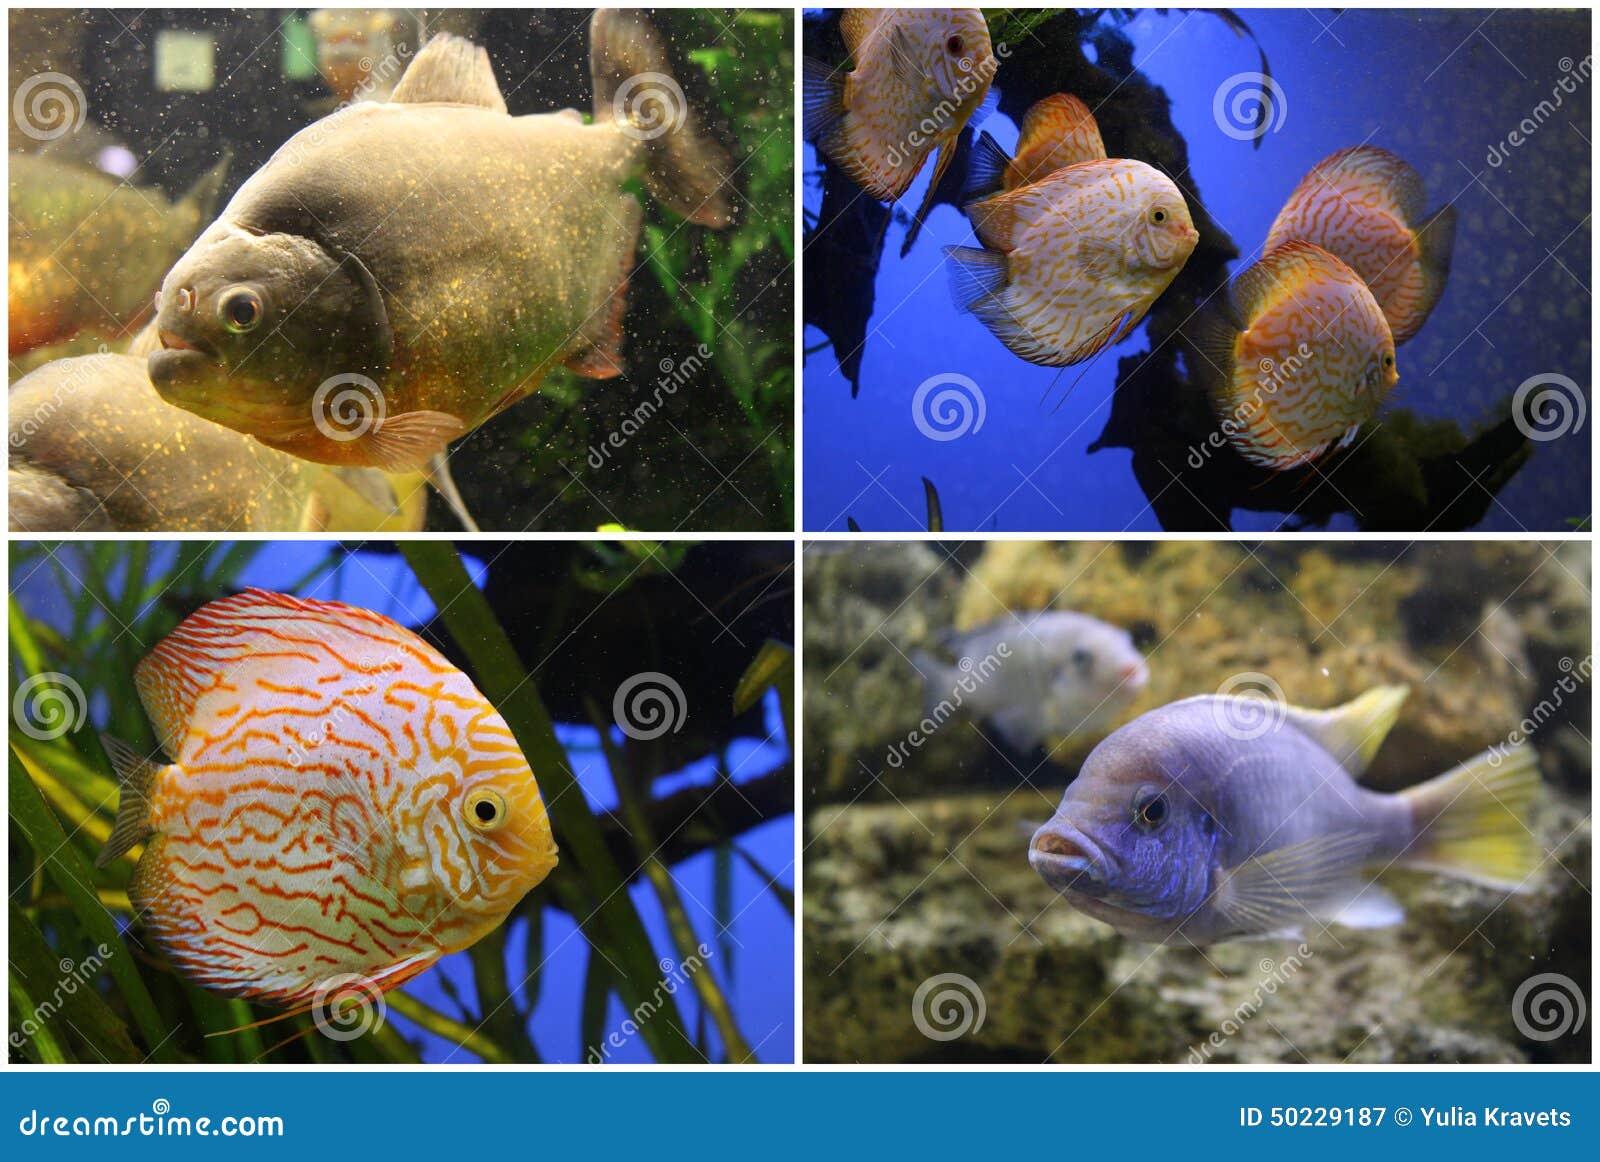 Freshwater aquarium fish piranha - Aquarium Fish Piranha Discus Cichlid